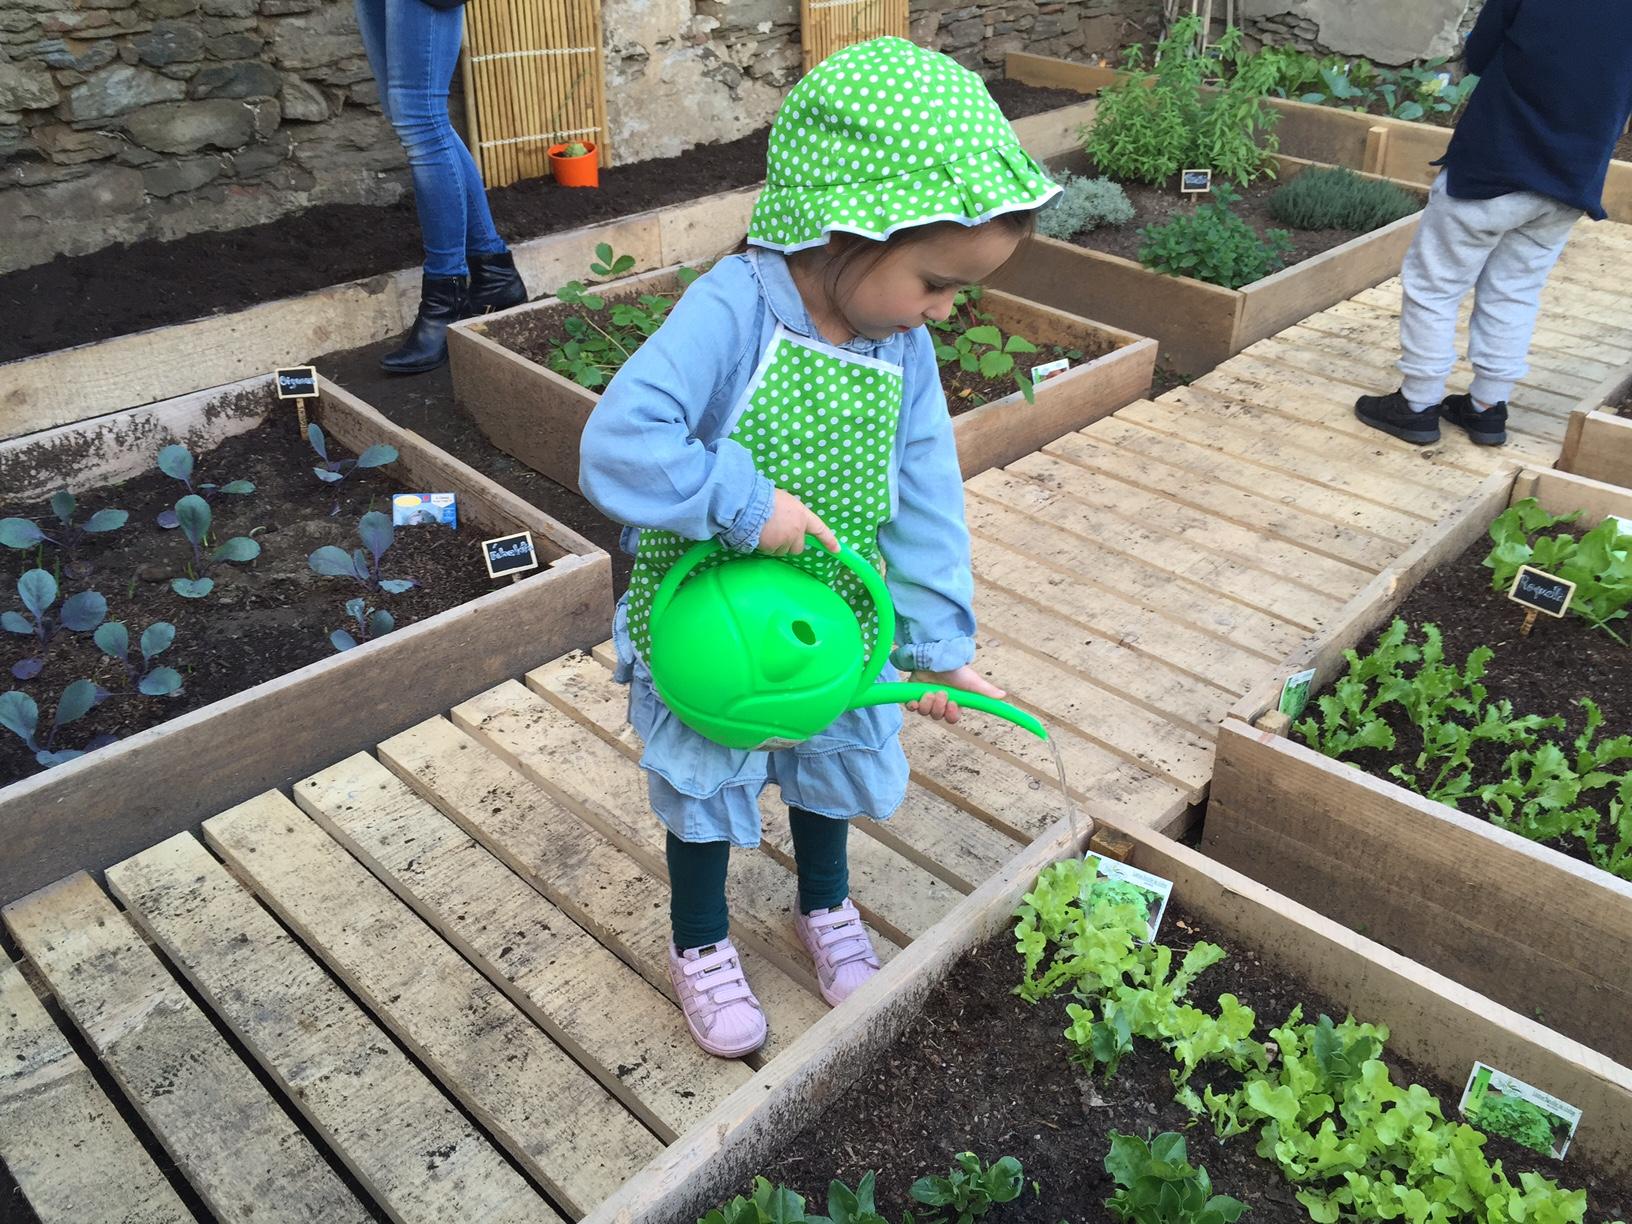 A l'Ecole de Cardu, les élèves sont des jardiniers en herbe